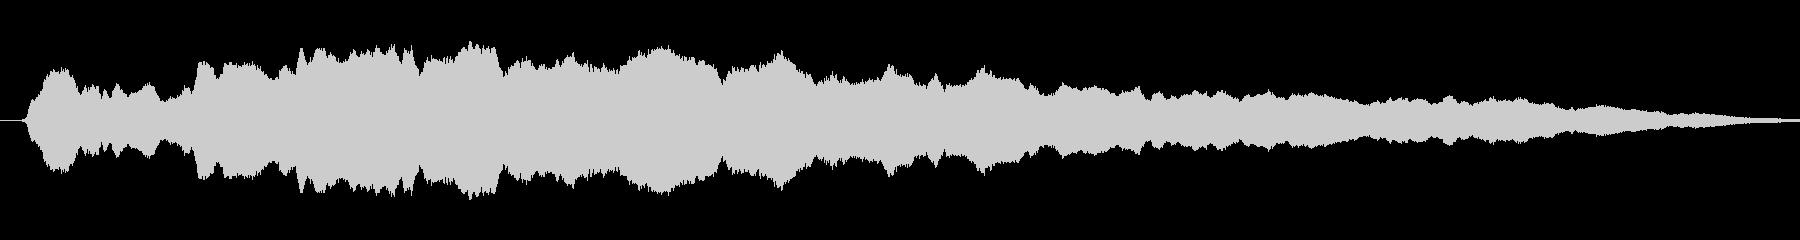 漫画スライドホイッスル:渦巻くスラ...の未再生の波形